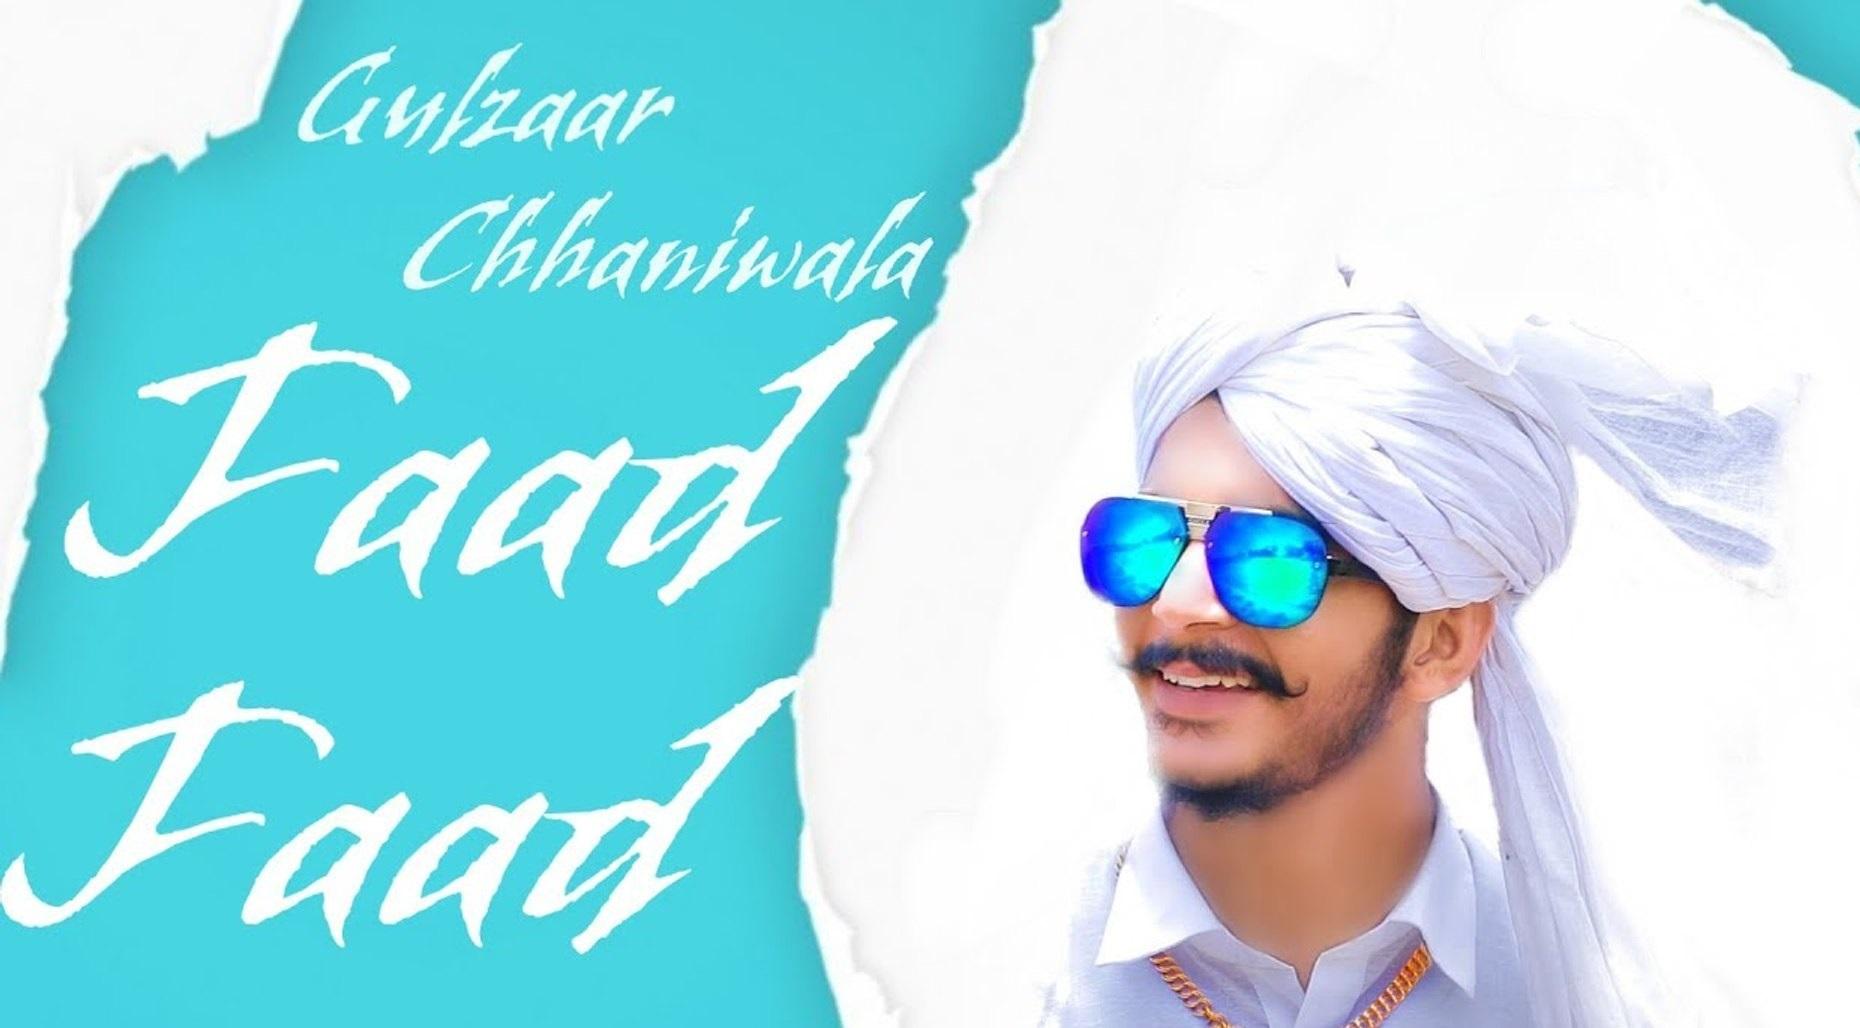 Gulzar Chhaniwala Faad Faad